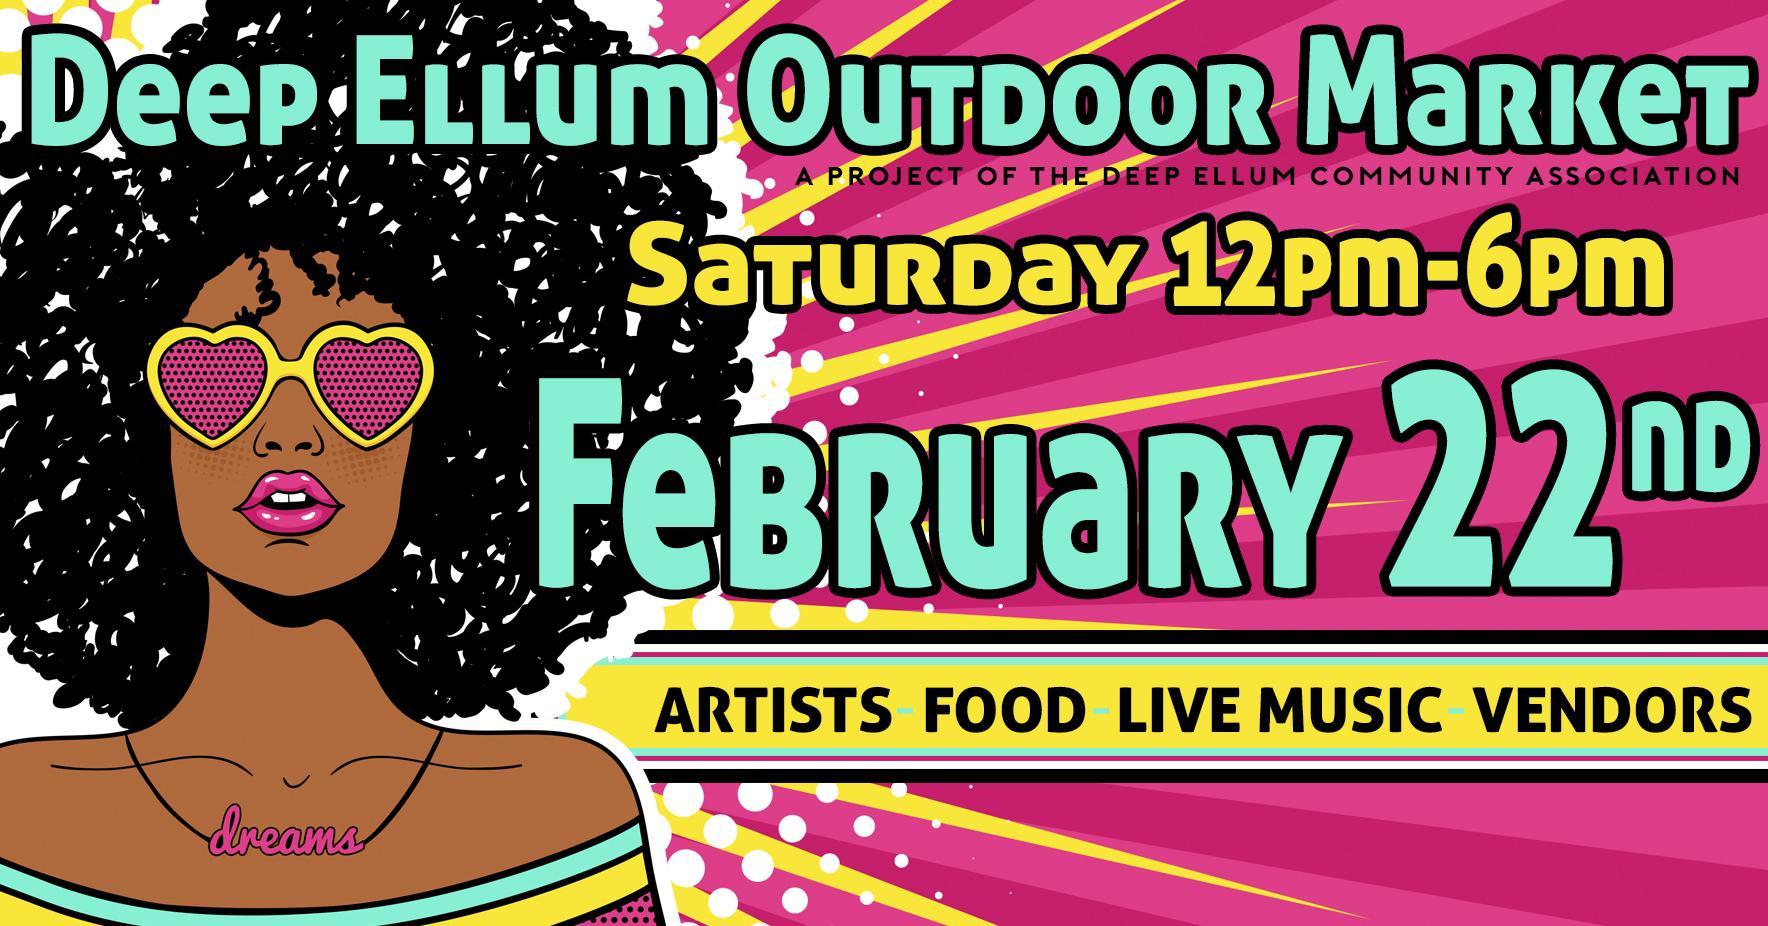 FREE EVENT - DEEP ELLUM OUTDOOR MARKET FEBRUARY 22ND